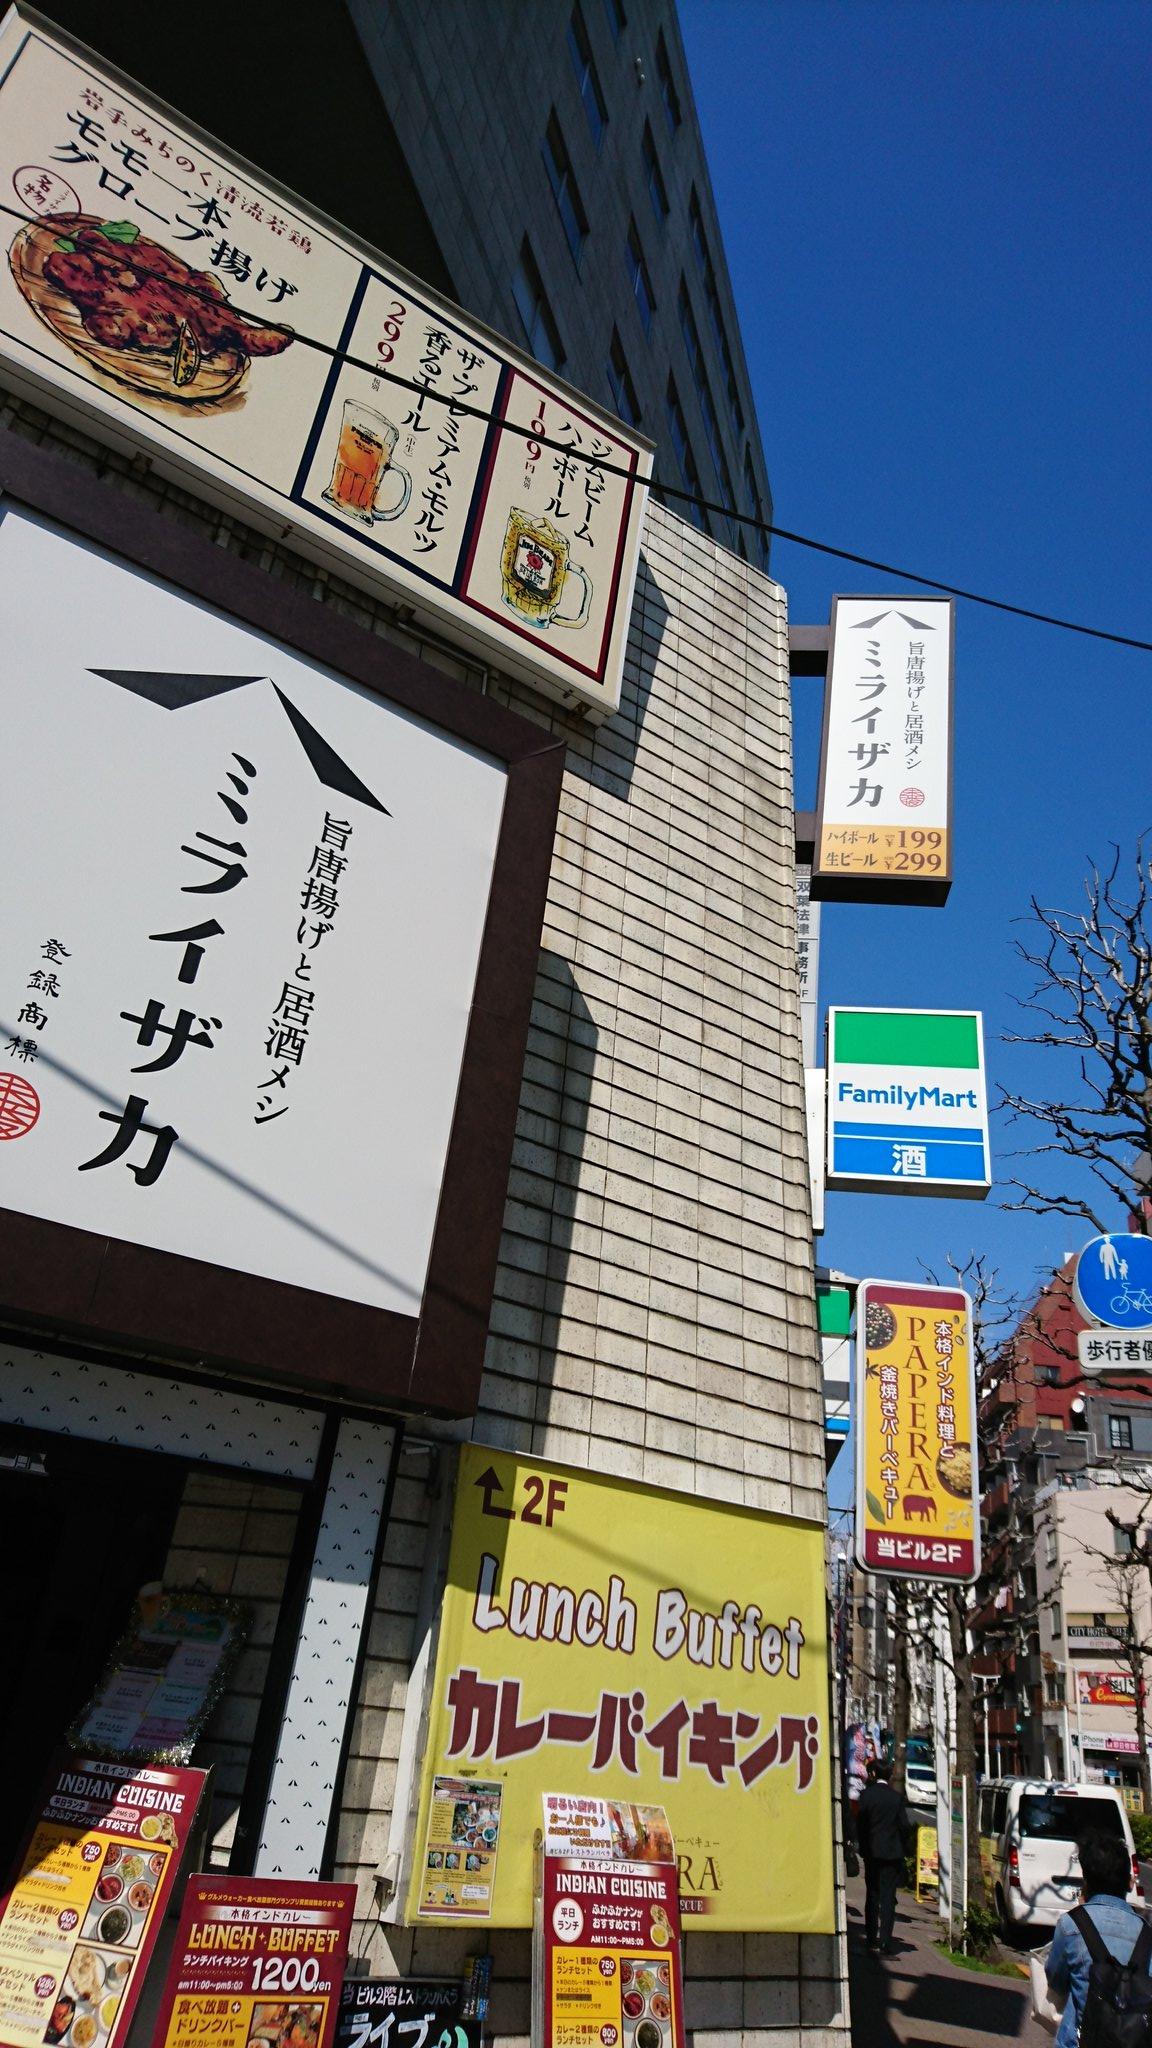 """ダンサブル朝倉 on Twitter: """"先日、新宿御苑駅前を歩いたのですっ ..."""